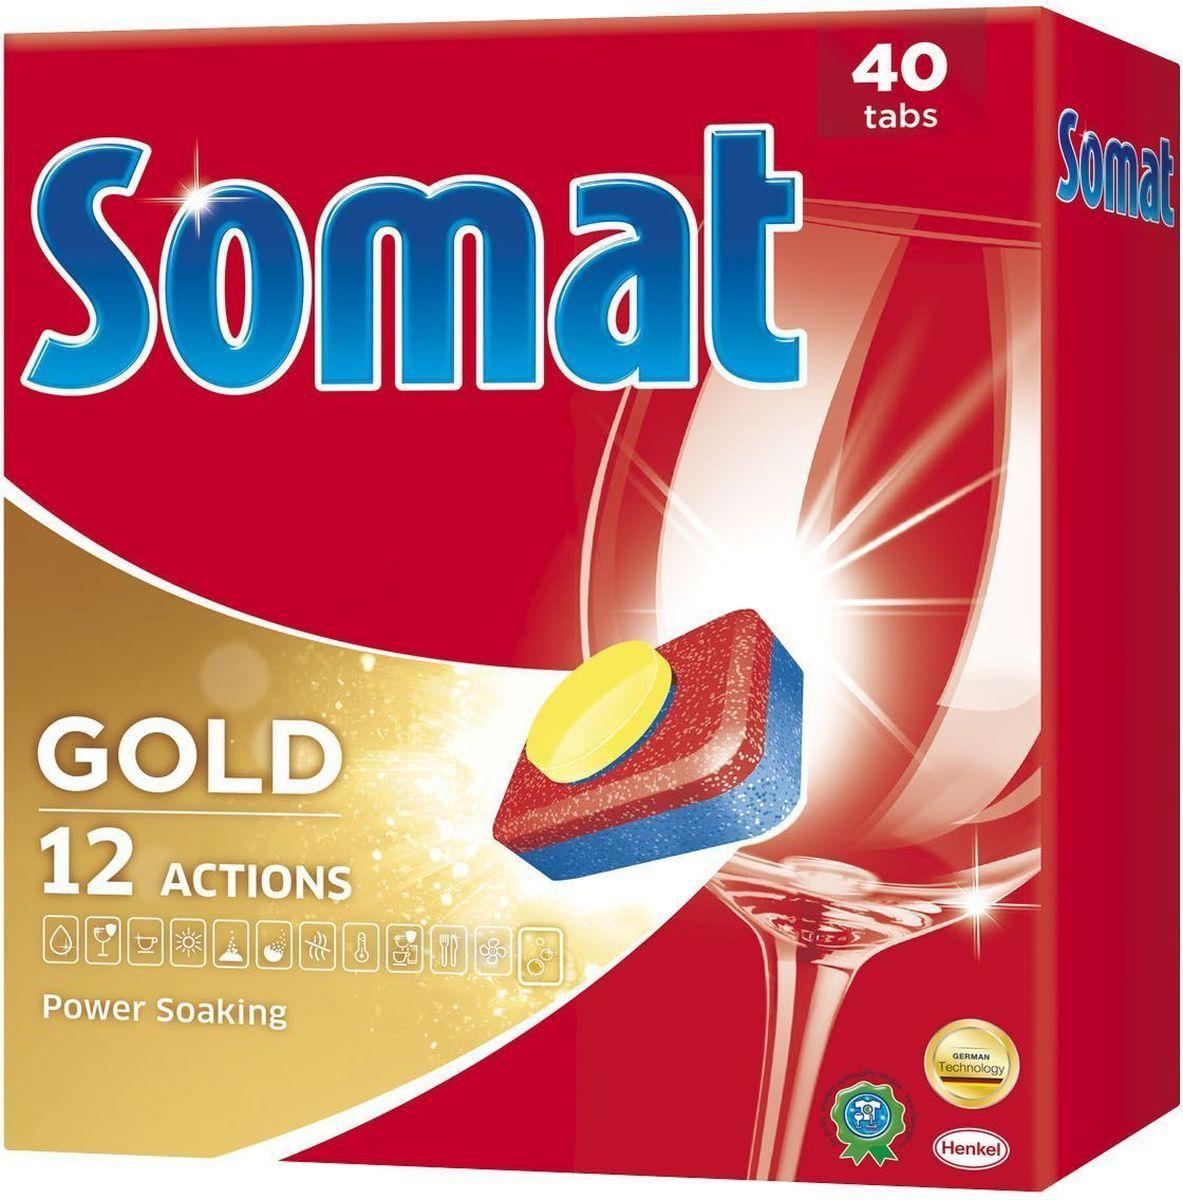 Cредство для посудомоечной машины Somat Gold, 40 шт935277Сомат Голд с миллионом активных частиц обеспечивает безупречный результат, легко справляясь с грязью и жиром и устраняя засохшие остатки пищи, как если бы вы предварительно замачивали и опласкивали посуду и включает следующие функции: Очиститель - для великолепной чистоты. Функция ополаскивателя - для сияющего блеска. Функция соли - для защиты посуды и стекла от известкового налета. Удаление пятен от чая. Защита посудомоечной машины против известковых отложений. Активная формула Эффект замачивания помогает устранить засохшие остатки пищи. Защита против коррозии стекла. Блеск нержавеющей стали и столовых приборов. Обеспечивает гигиеническую чистоту. Дозировка: 1 таблетка для любых видов загрязнений. Для очень жёсткой воды (>21 °dH) рекомендуется использовать 1 таблетку плюс Сомат соль и Сомат Ополаскиватель. Жесткость воды в вашем регионе можно узнать в службе Роспотребнадзора